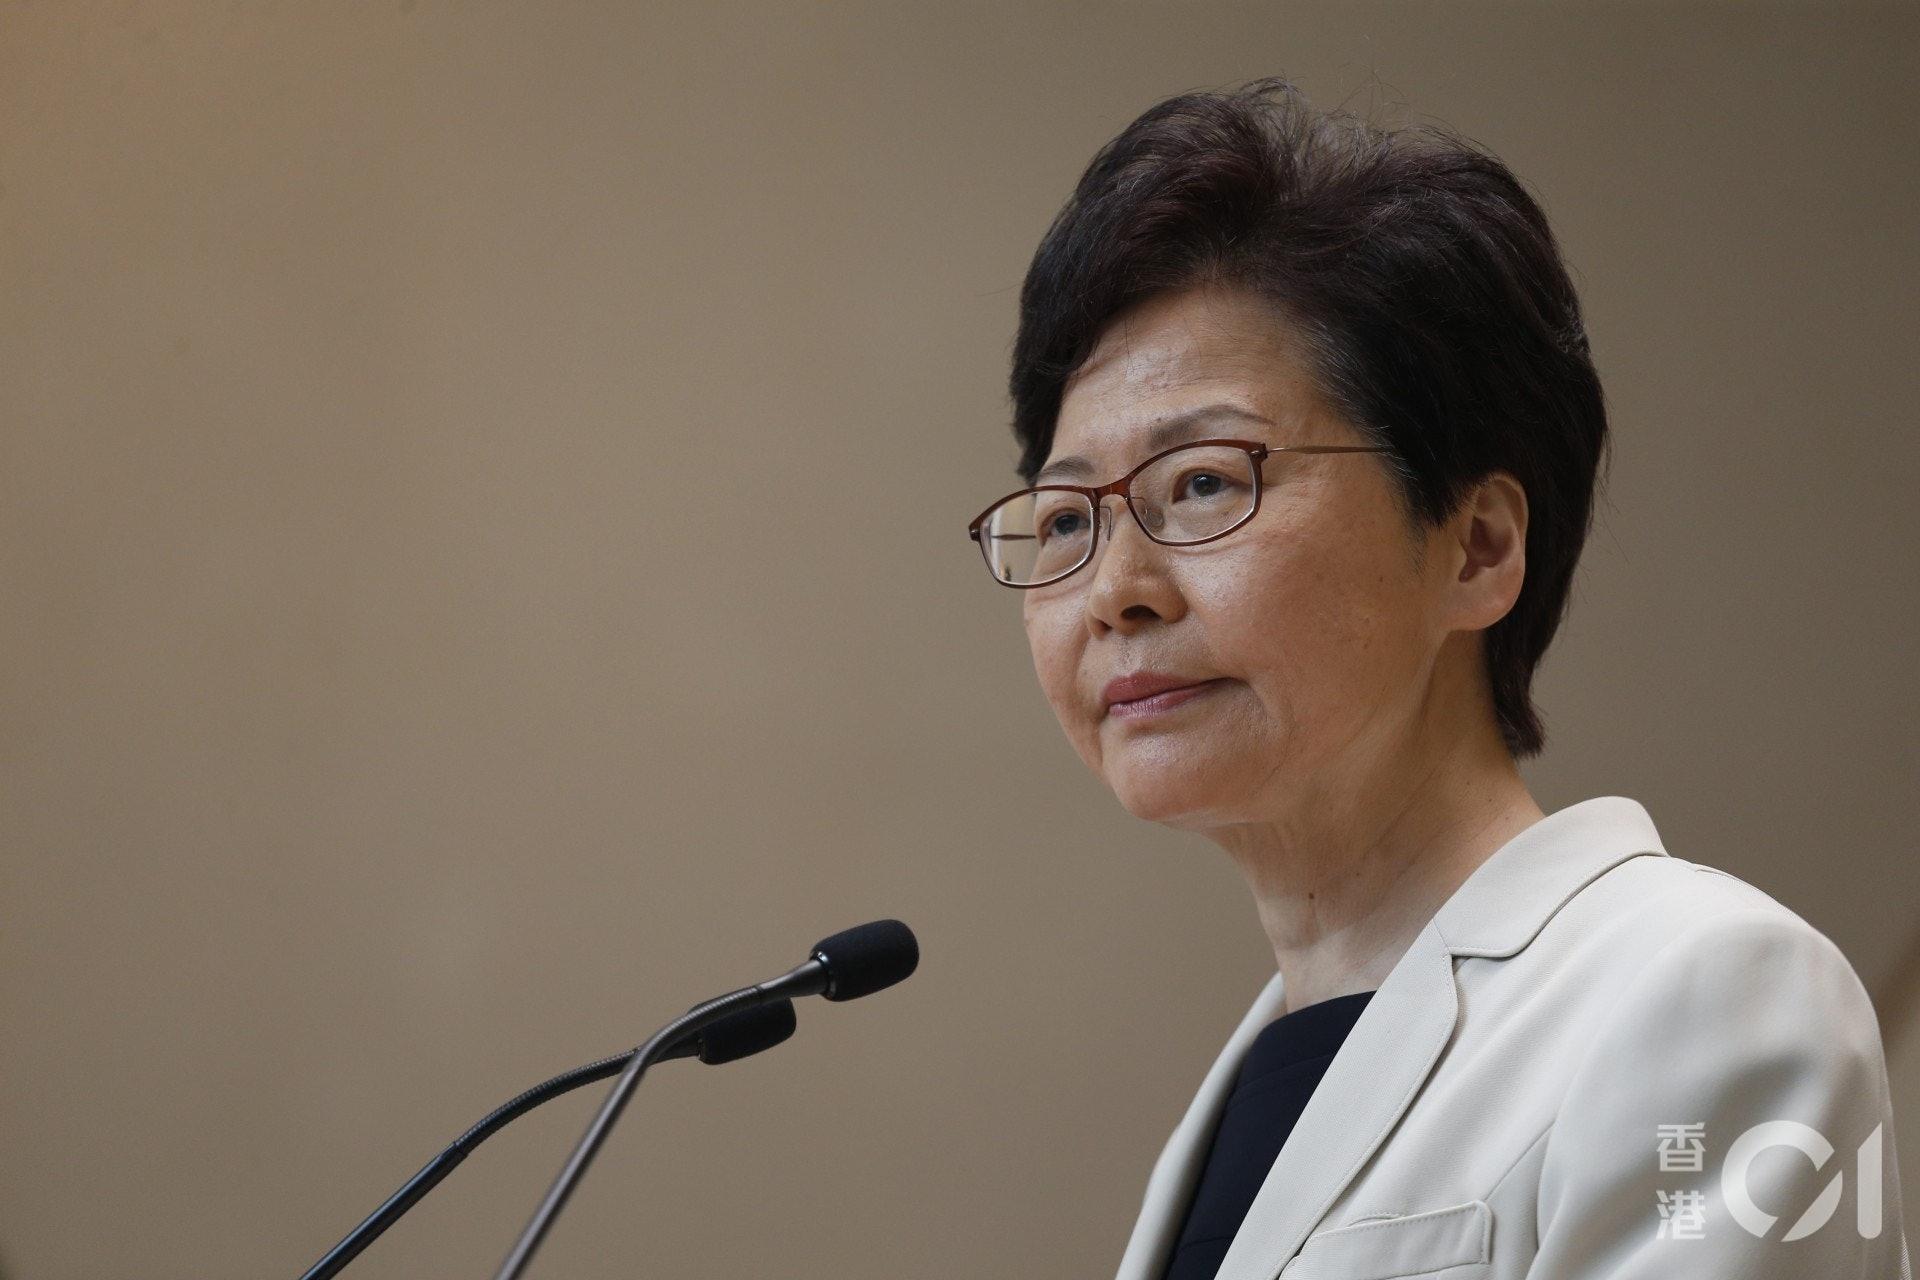 被問及會否引用《緊急情況規例條例》時,林鄭月娥未有否認相關傳聞時,指所有香港法律,如果能夠提供法治手段去止暴制亂,政府都有責任檢視。(資料圖片/ 梁鵬威攝)